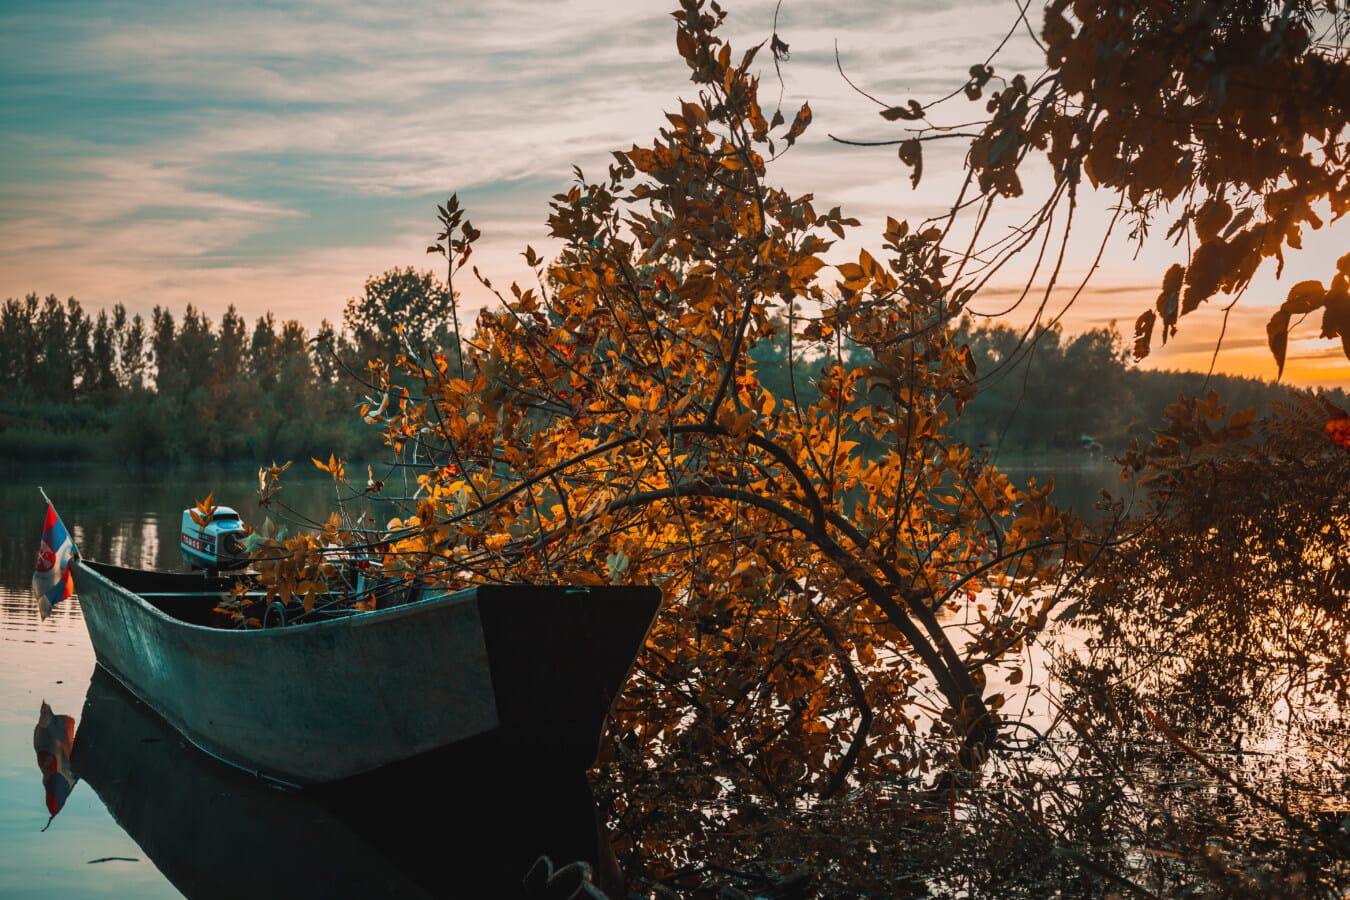 моторний човен, Річка човен, човен, гілки, дерева, осінній сезон, краєвид, Осінь, ліс, дерево